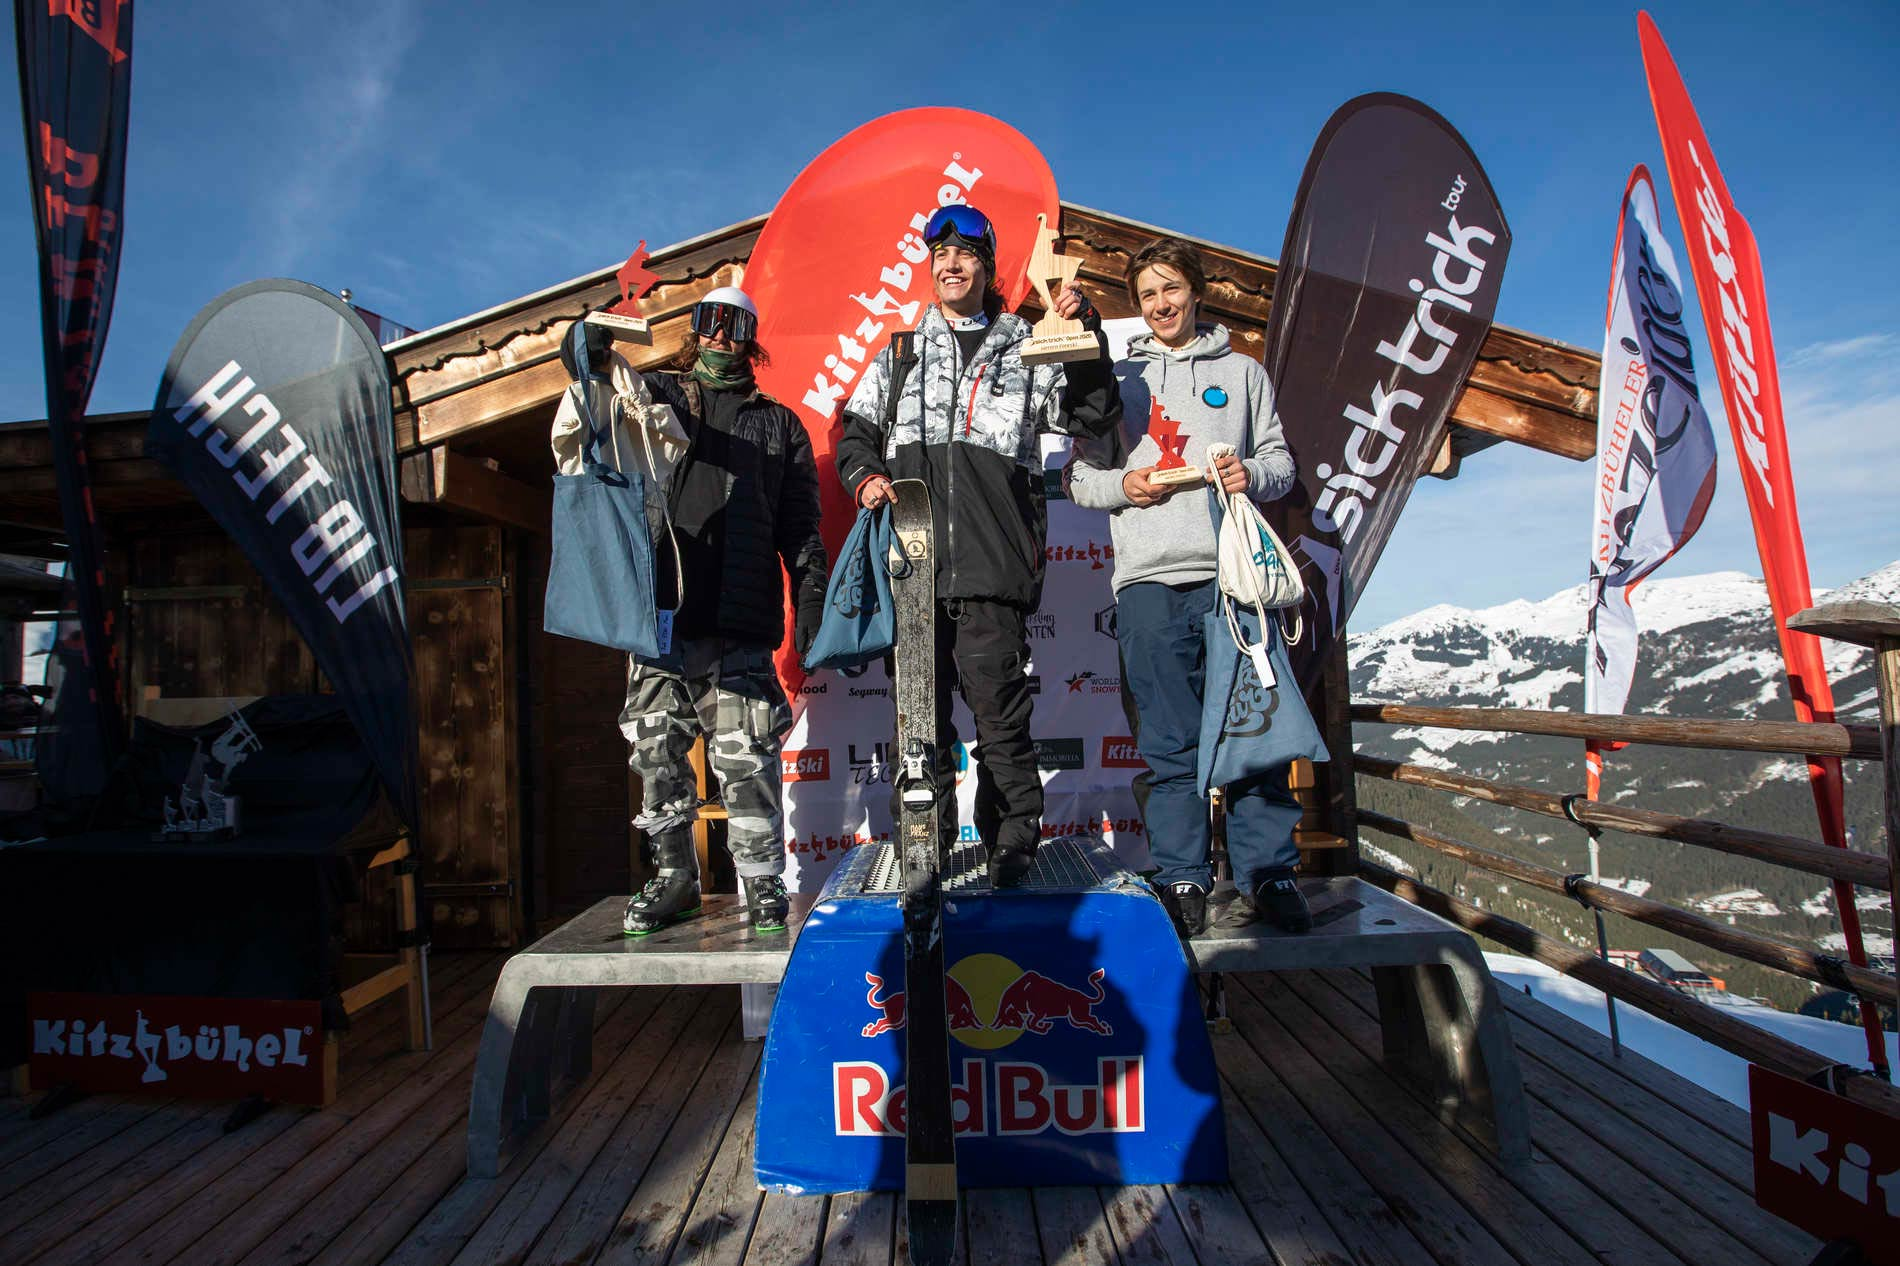 Die drei besten Männer in Kitzbühel: Patrick Schuchter (AUT), David Wolf (AUT), Luis Resch (AUT) - Foto: Roland Haschka